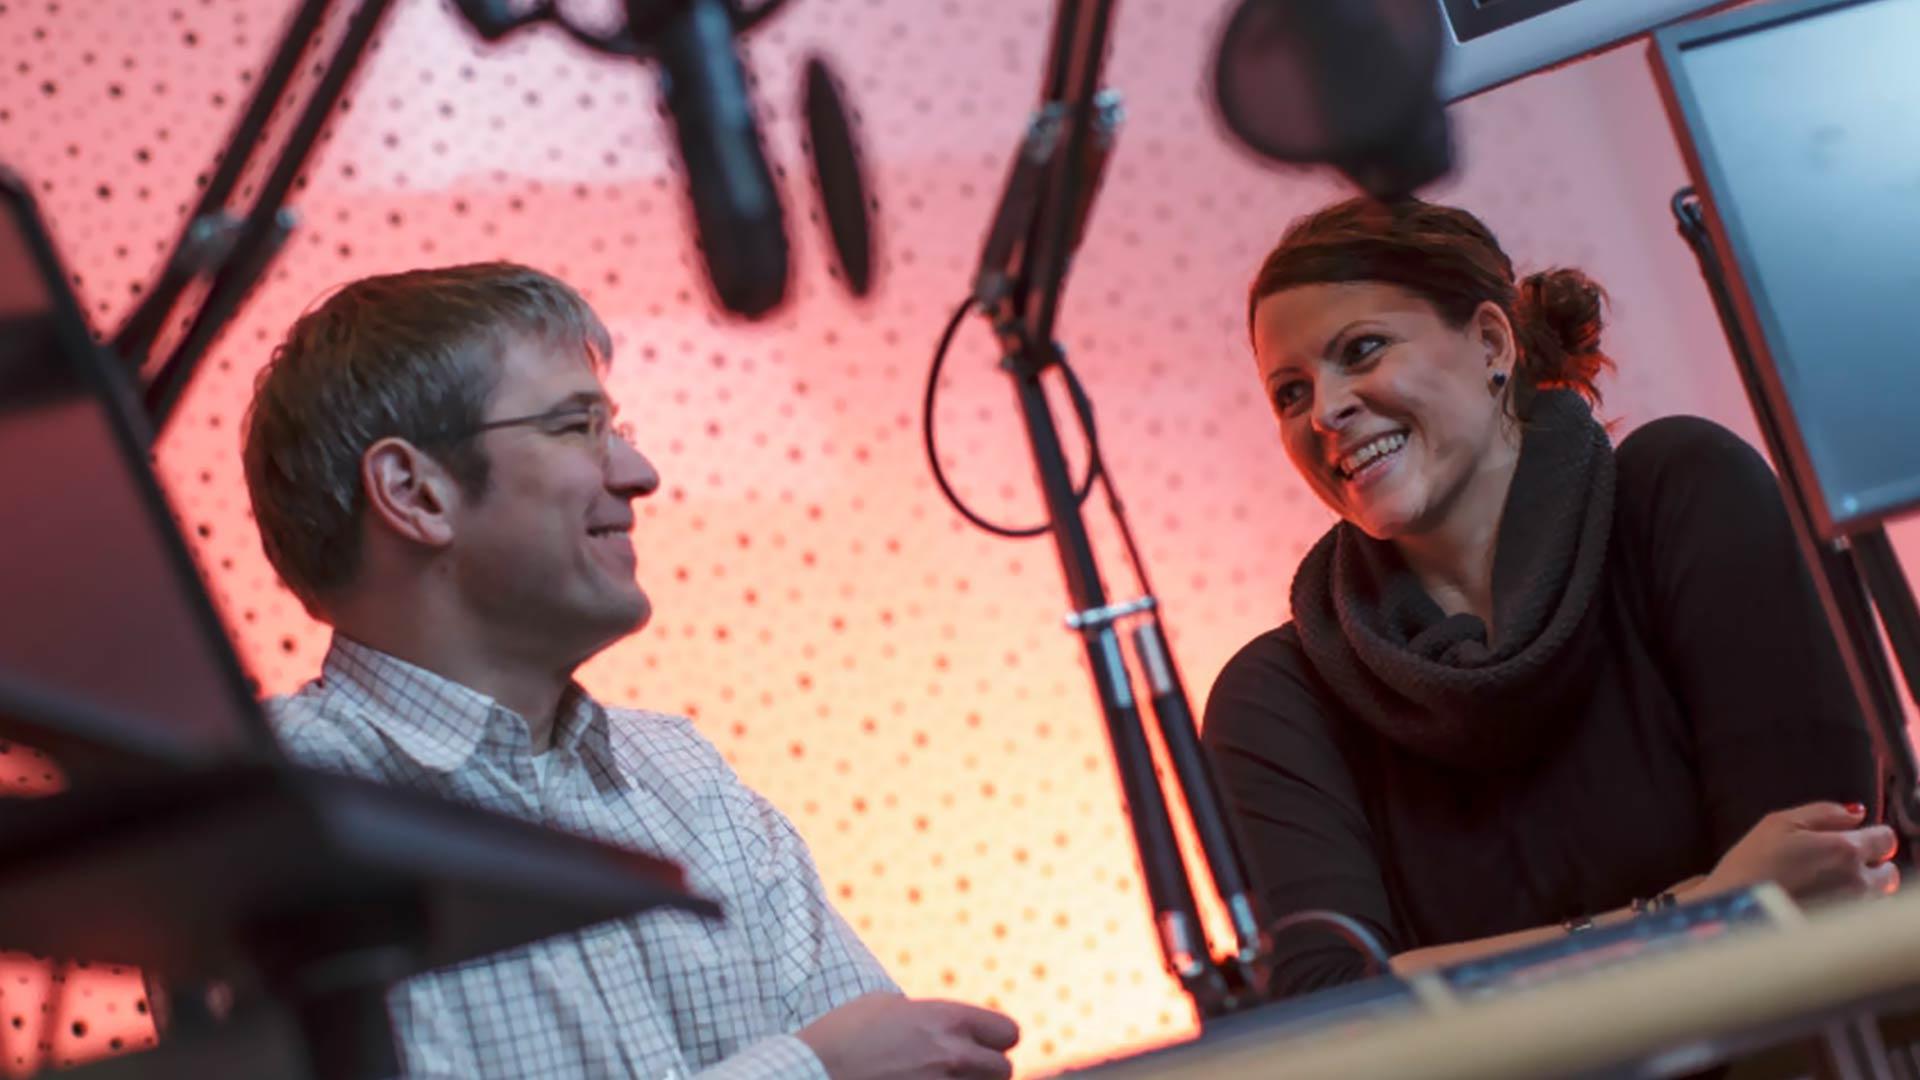 Radio Essen-Moderatorin Claudia Steinmetz im Gespräch mit Chefredakteur Christian Pflug. Foto: Westfunk